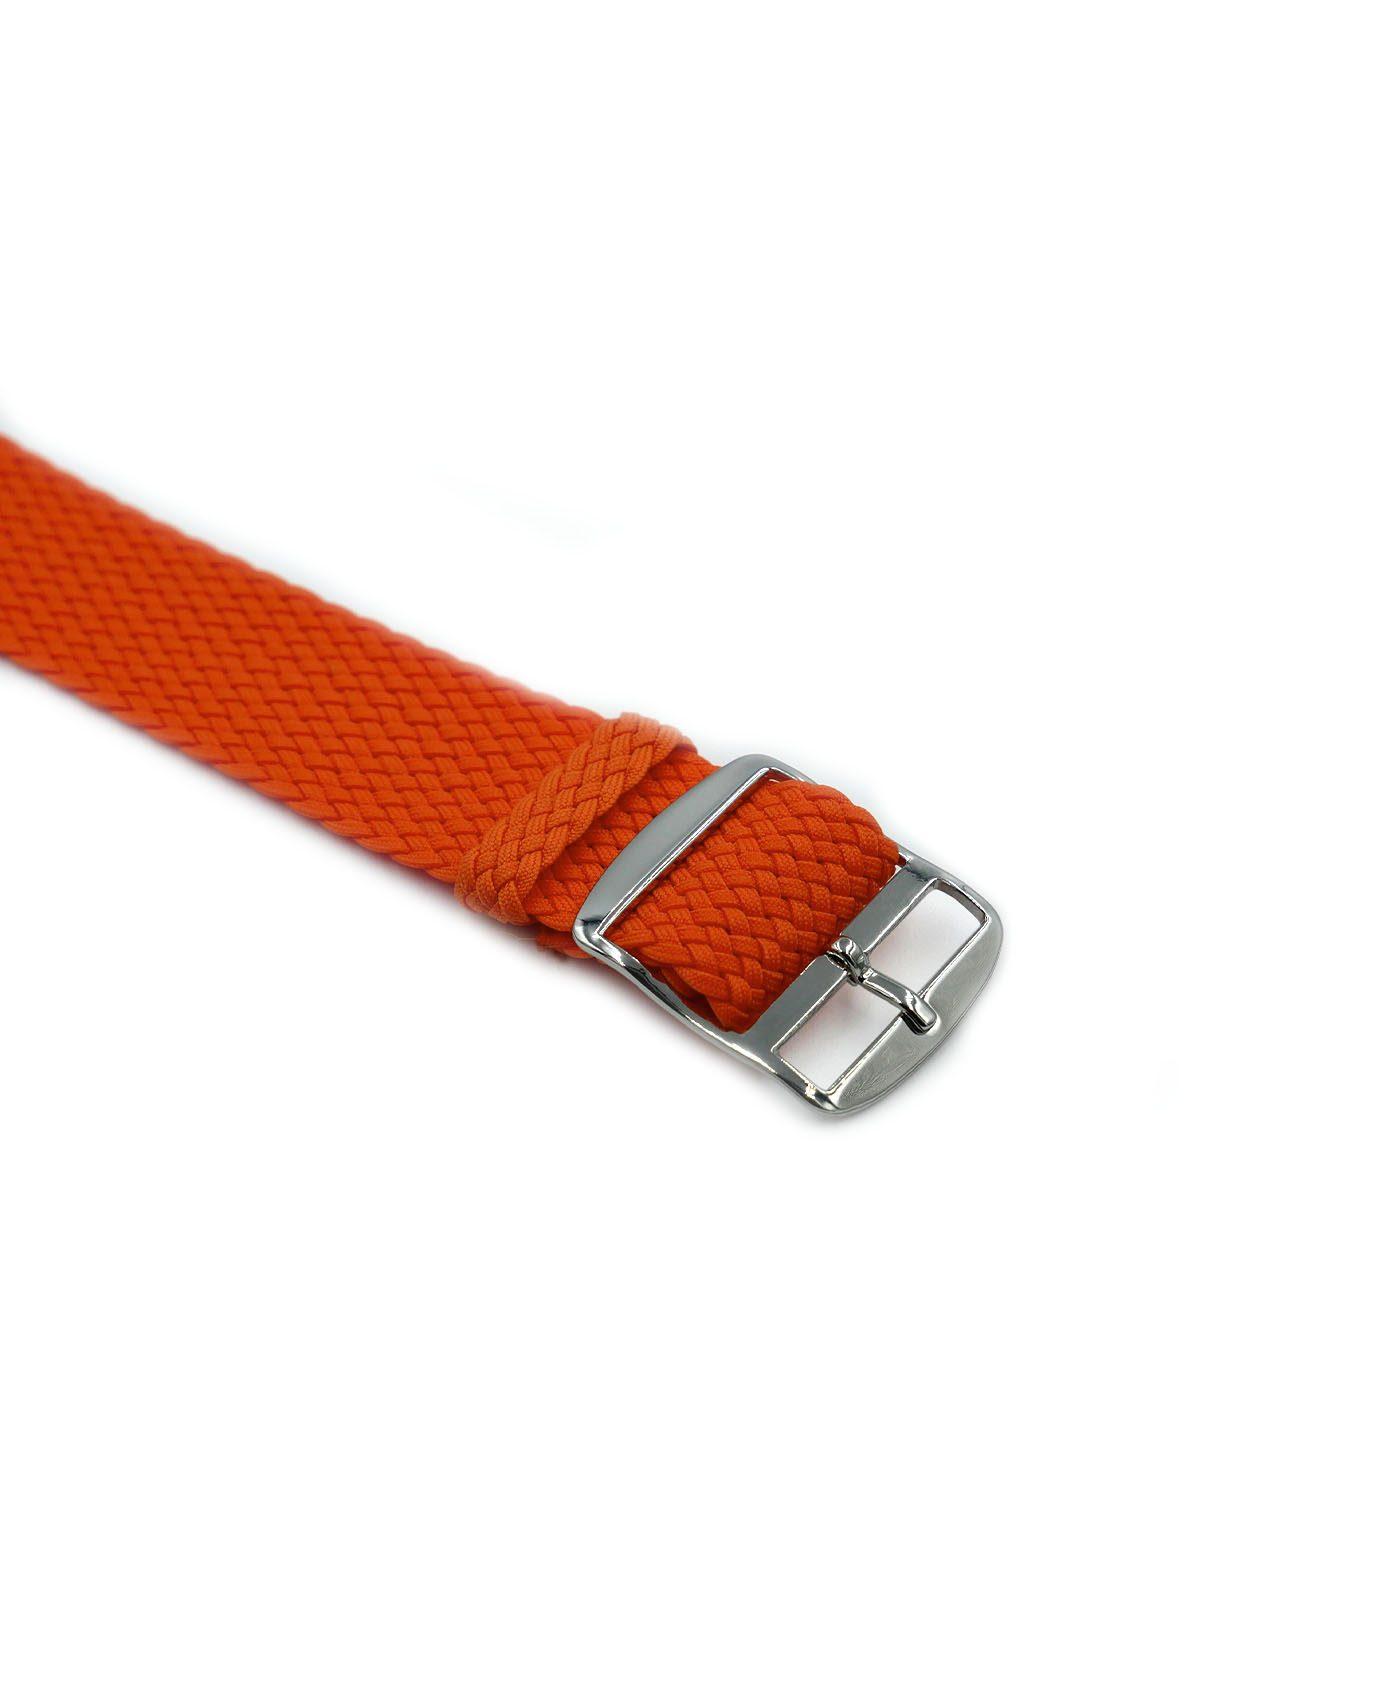 Watchbandit Premium Perlon Watch strap orange buckle